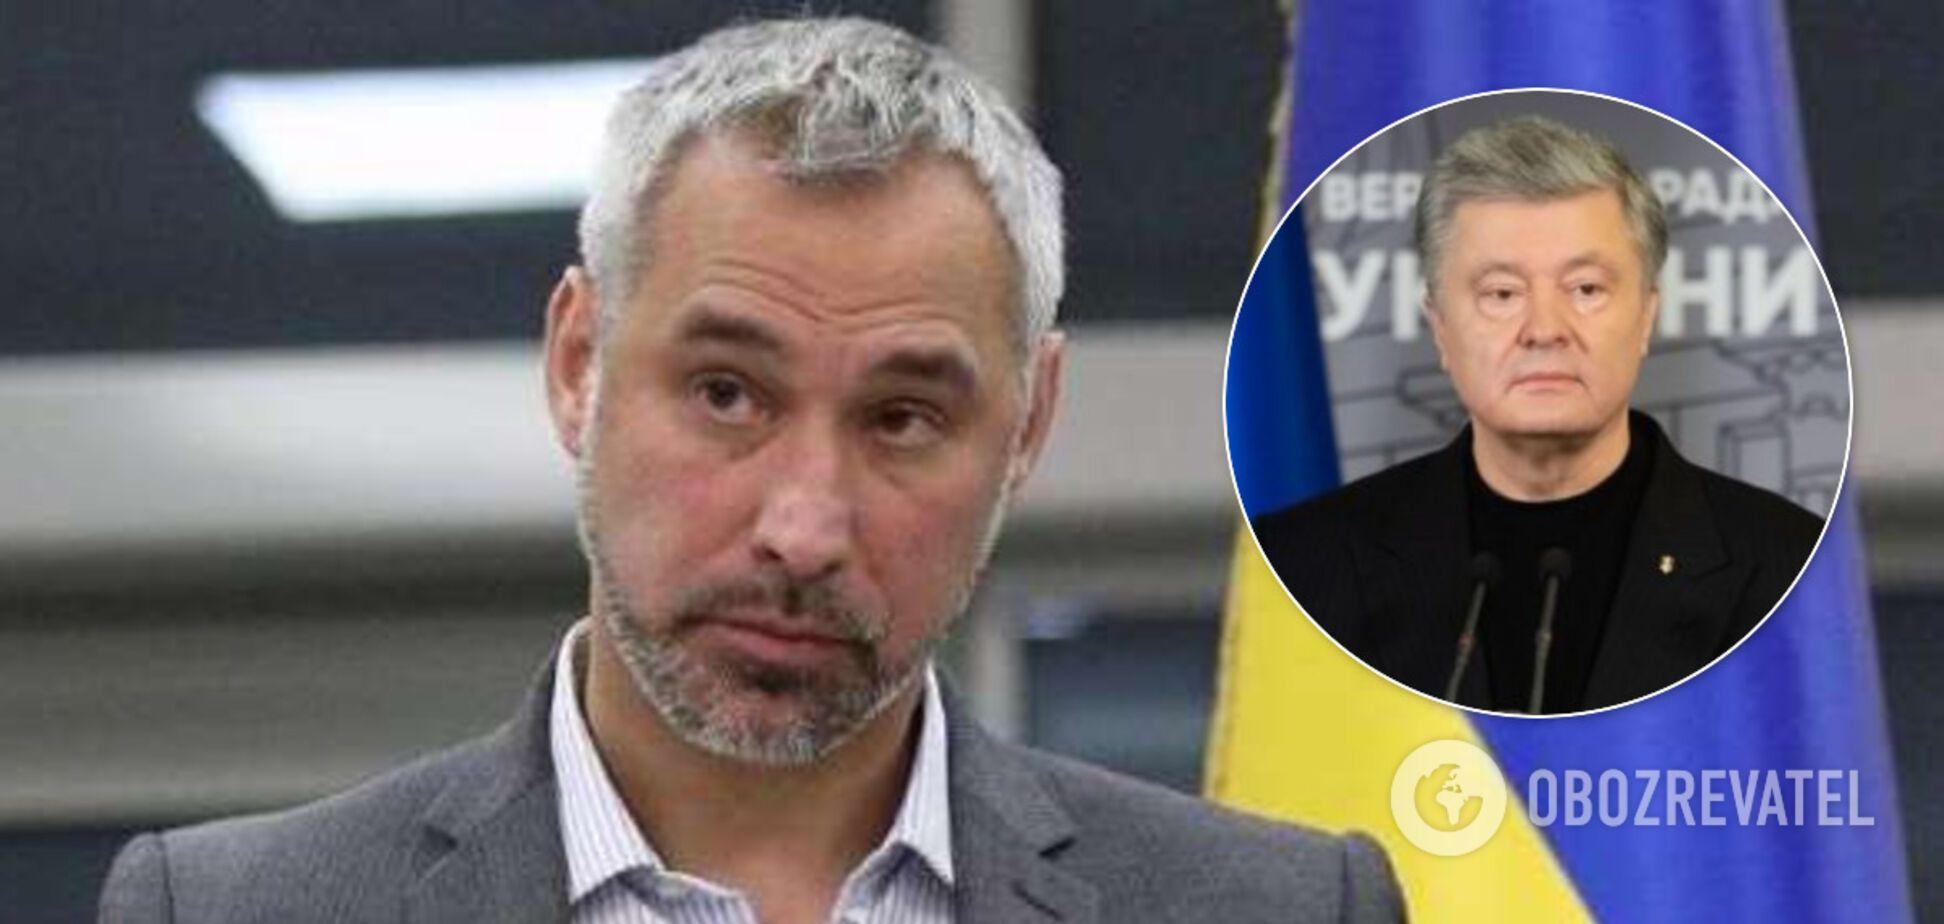 Бывший генпрокурор Рябошапка обсуждал 'дела Порошенко' с Зеленским – СМИ